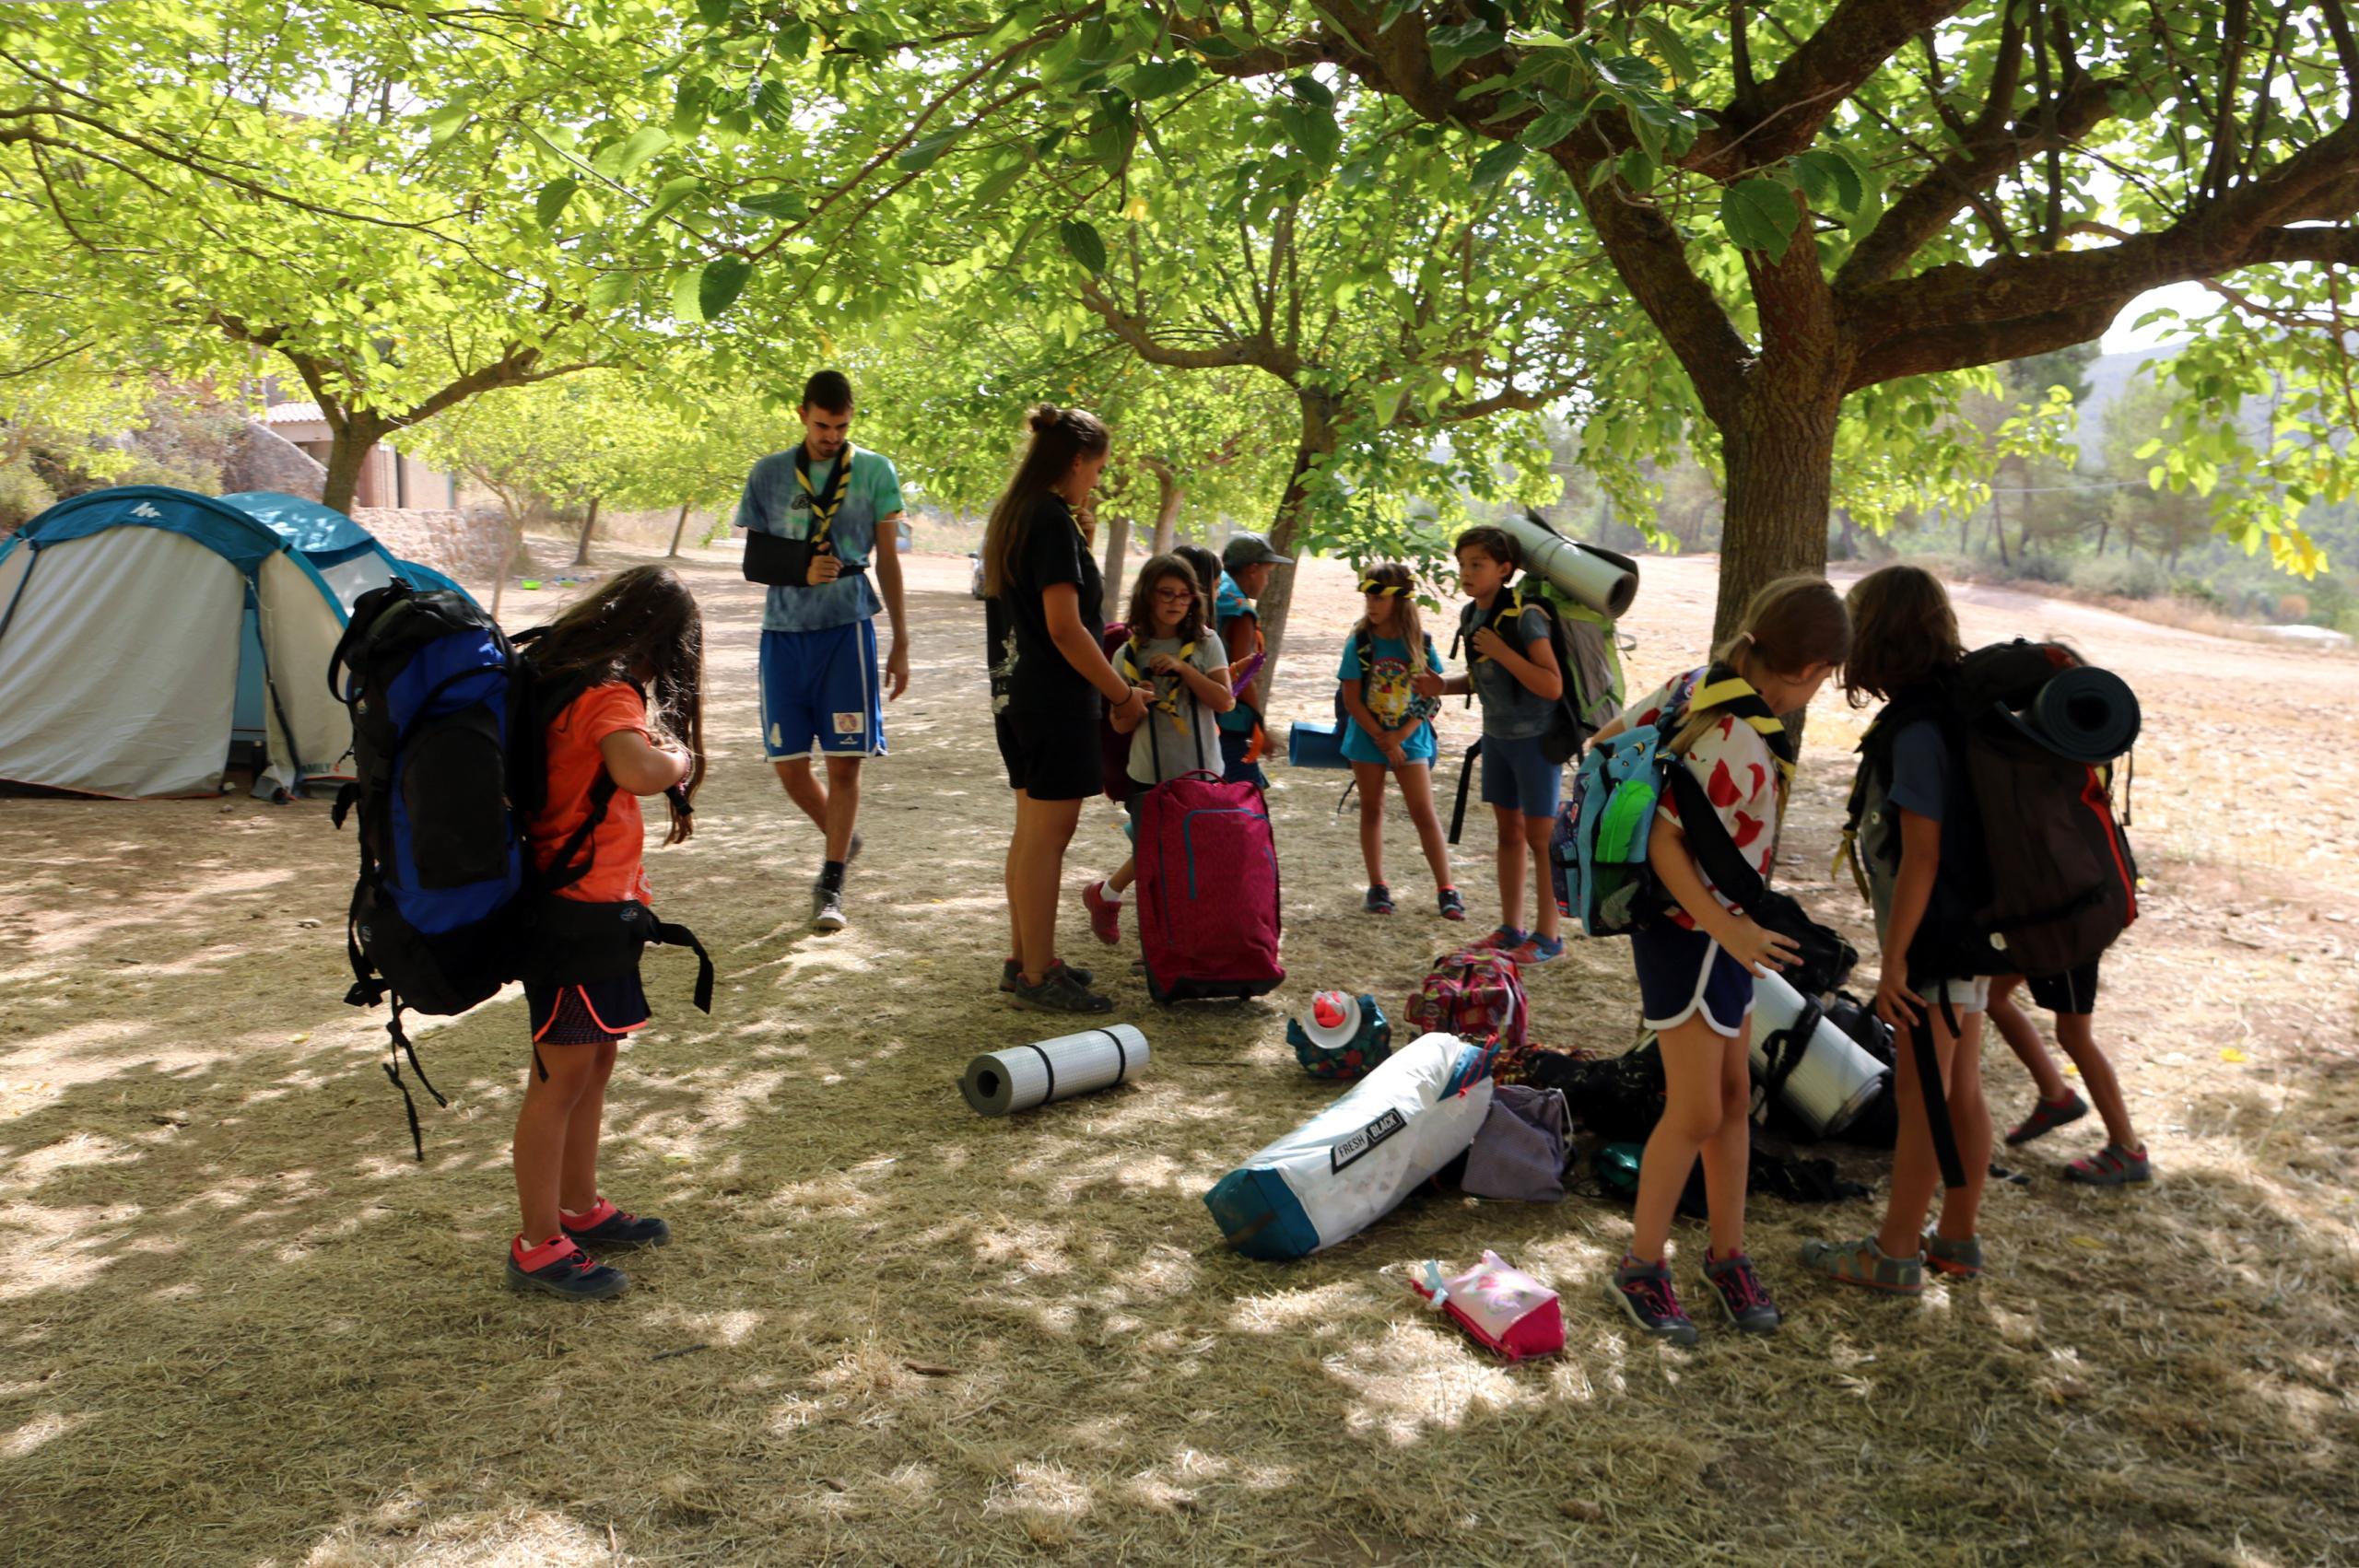 El grup dels Castors i les Llúdrigues de l'Agrupament Escolta i Guia Verge de la Candela, amb les motxilles, abans de marxar del campament de Sant Martí de Tous (ACN)